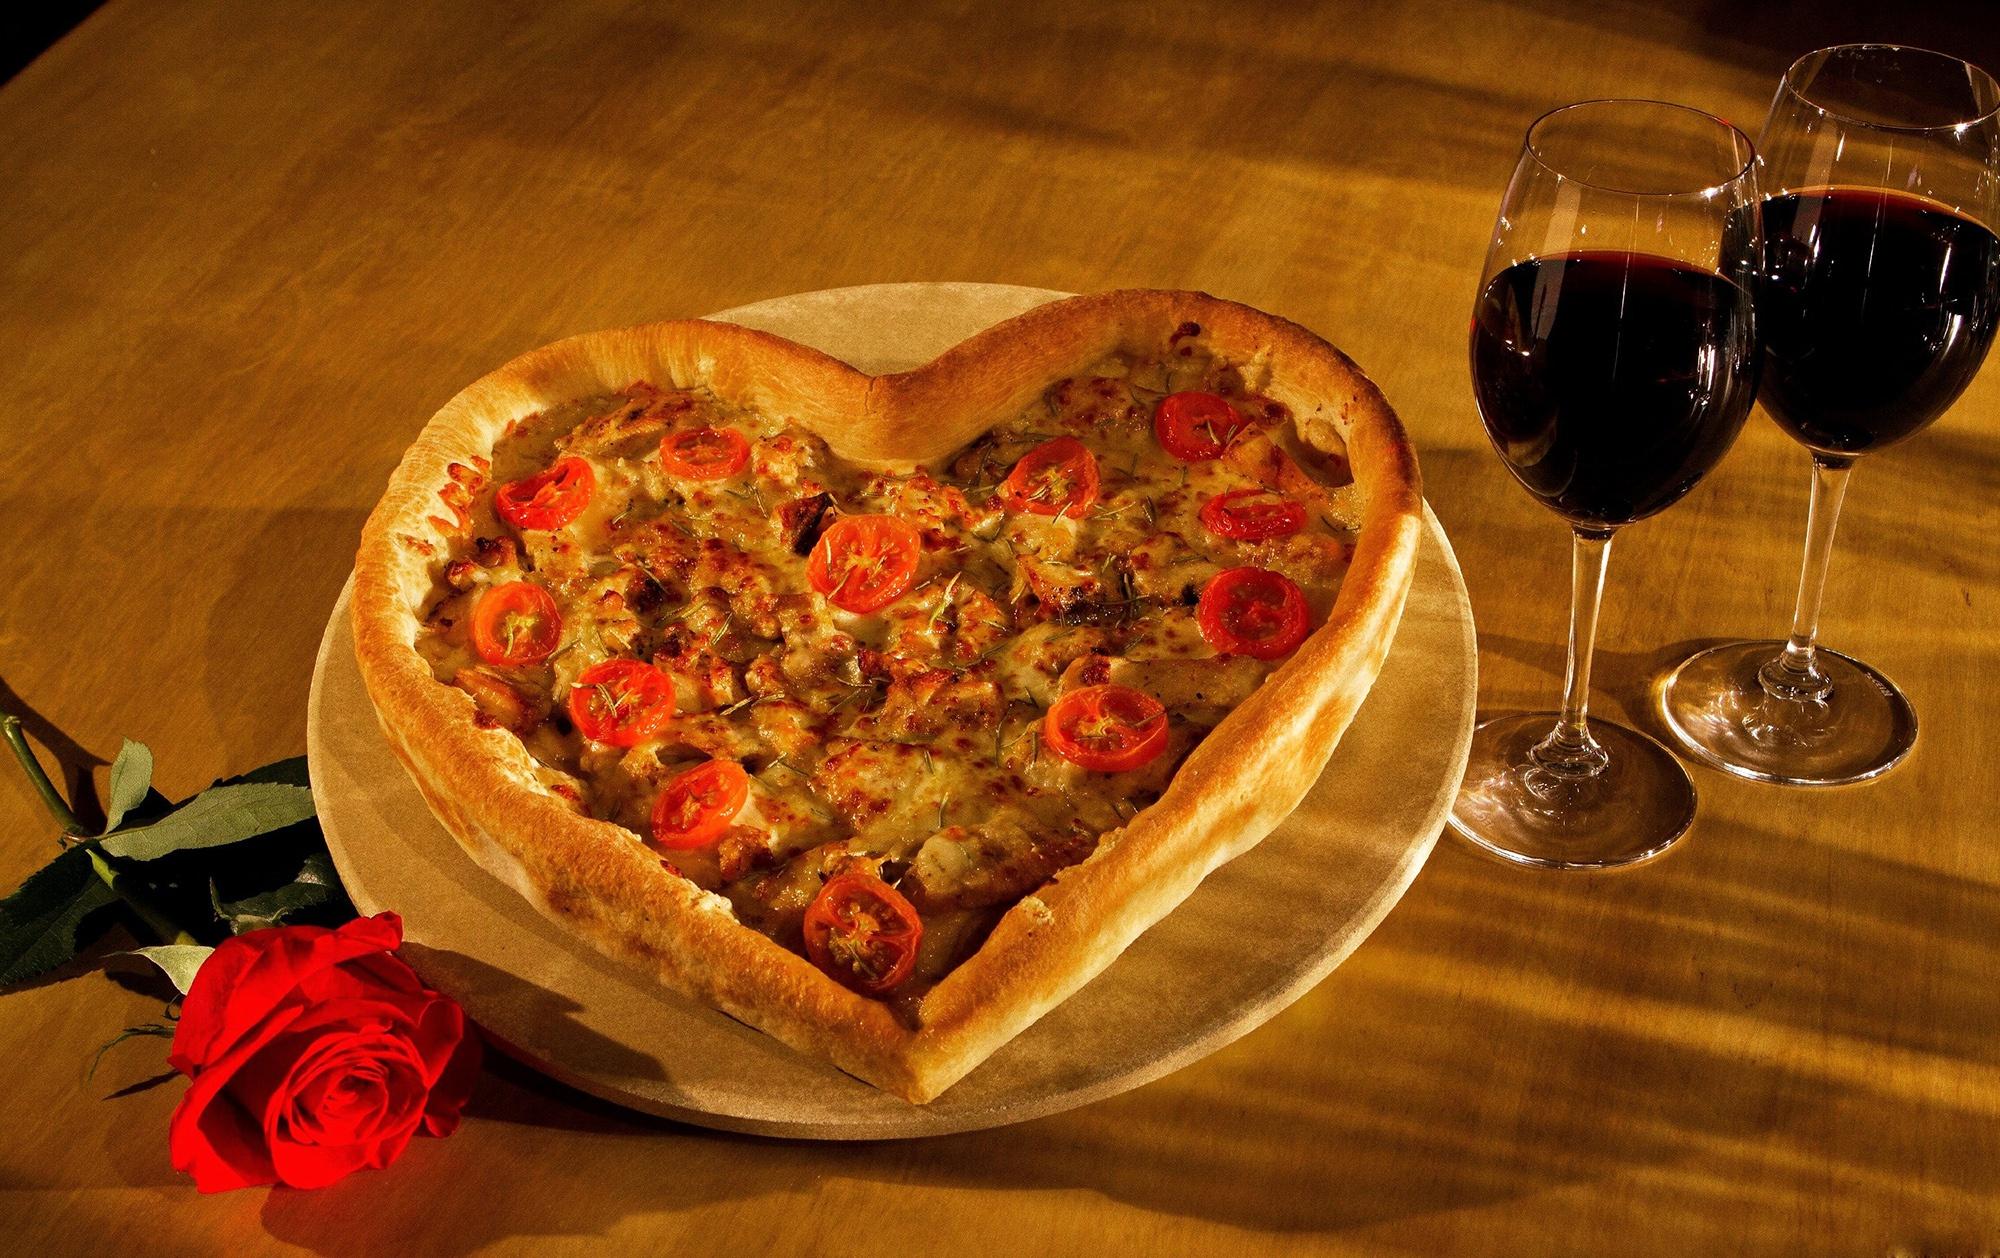 Фото серце Пицца Продукты питания 2000x1258 Сердце сердца сердечко Еда Пища